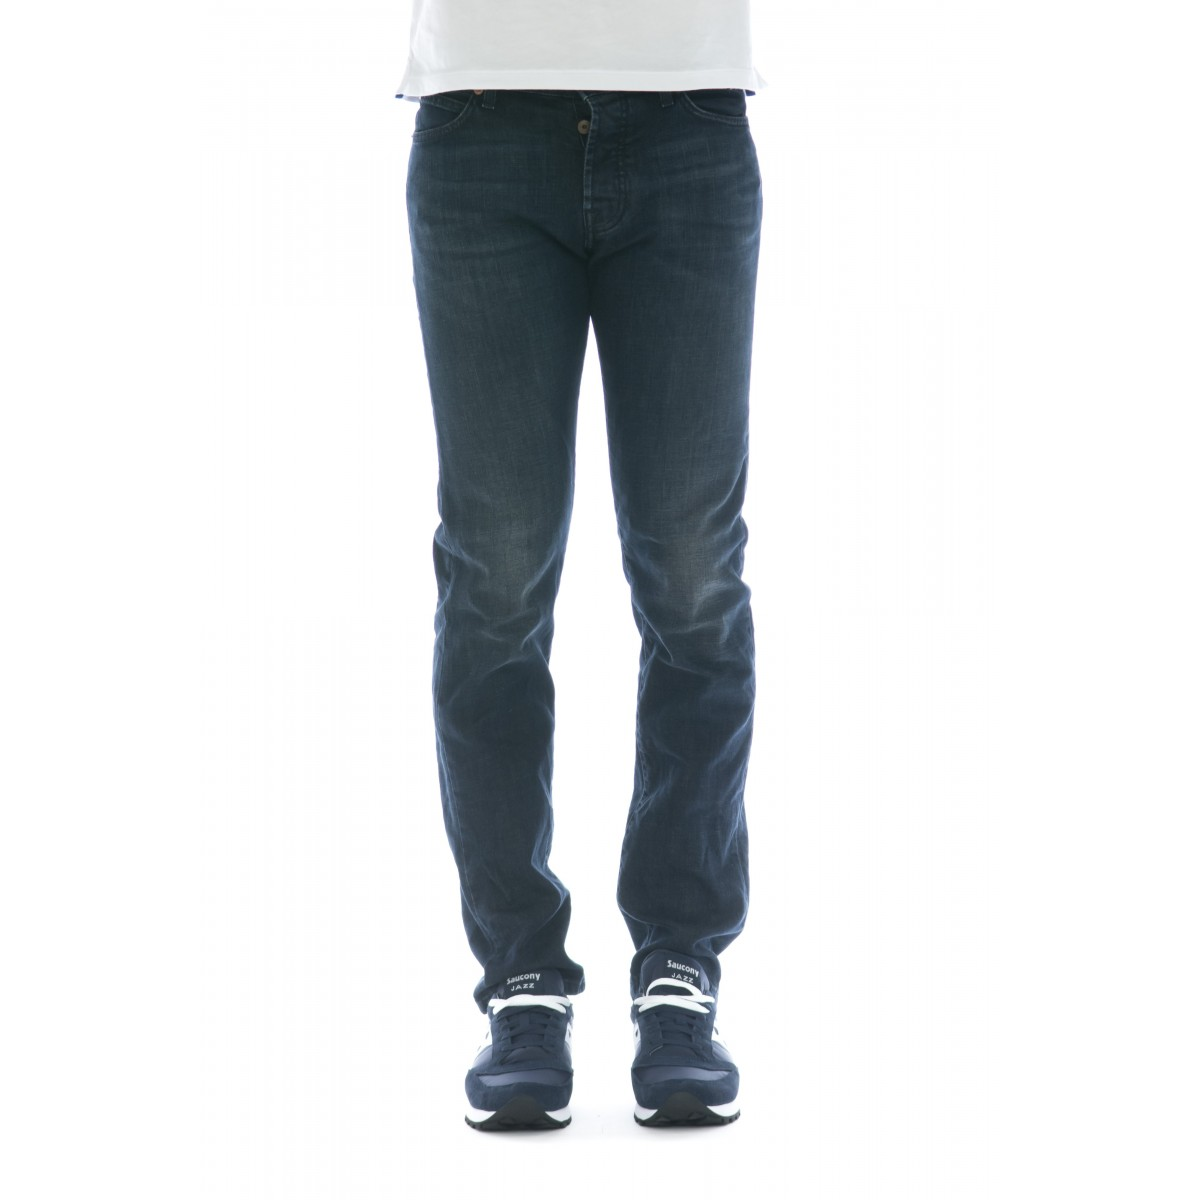 Jeans - 529 weared3